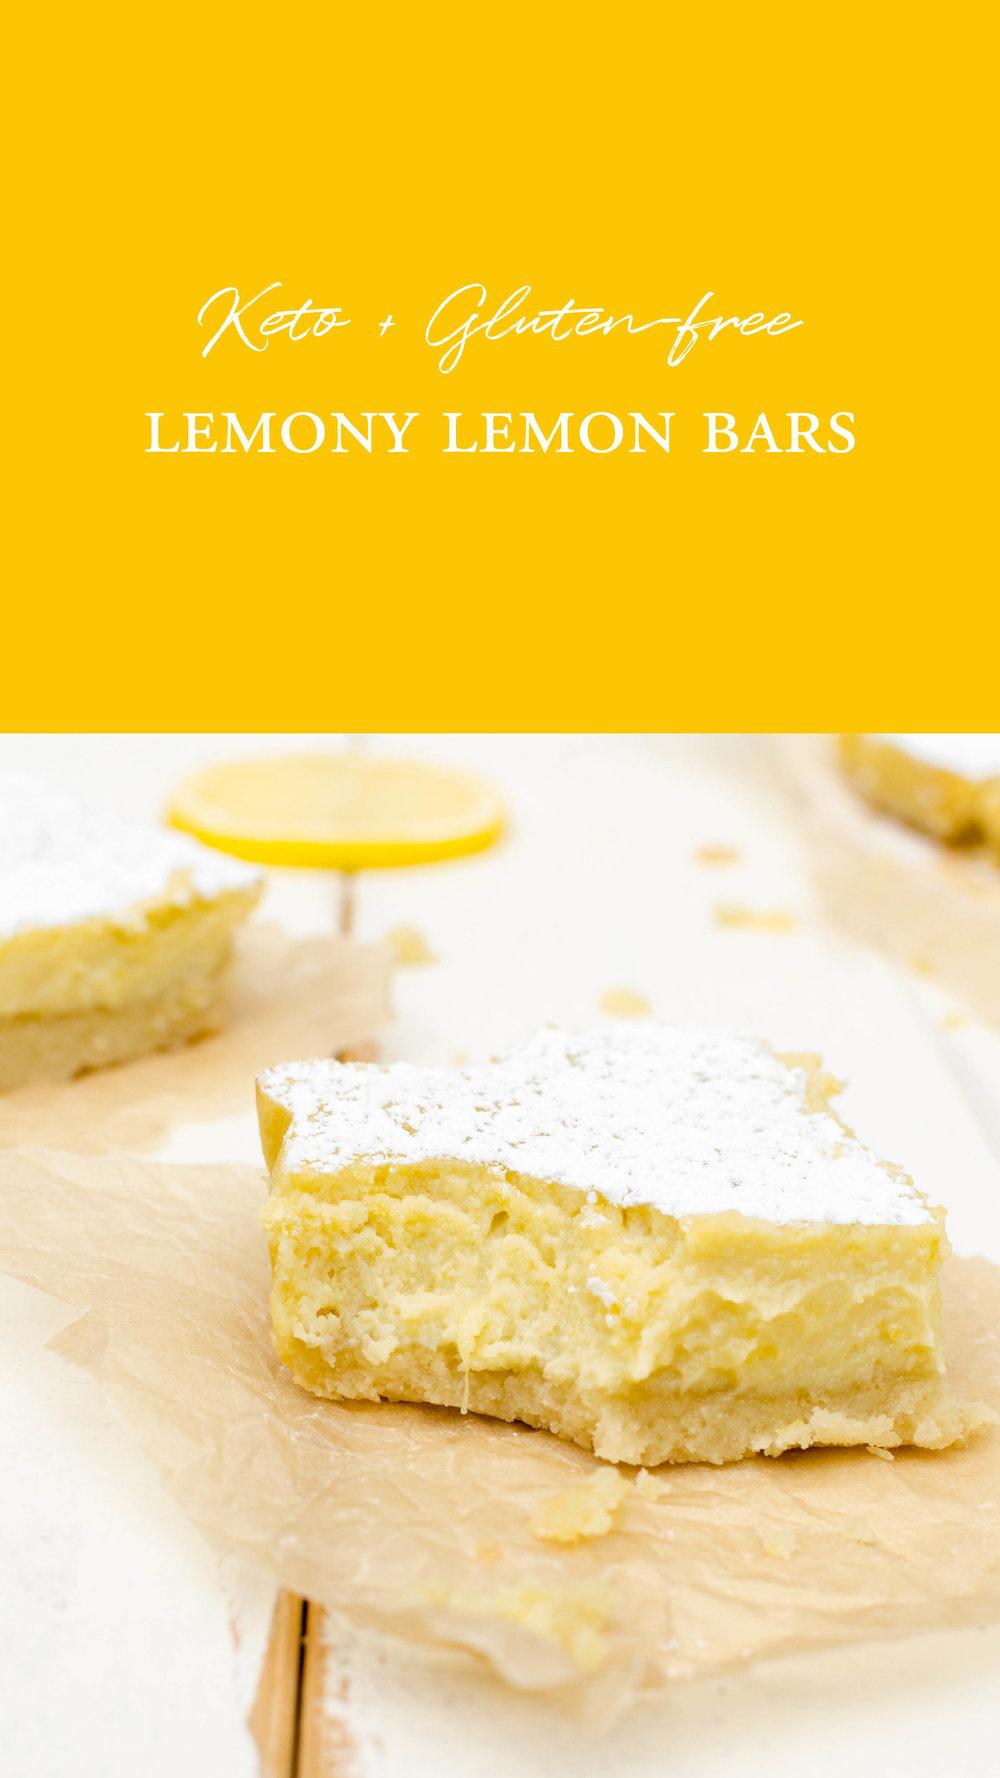 Gluten-Free Keto Lemony Lemon Bars_Studioist2.jpg